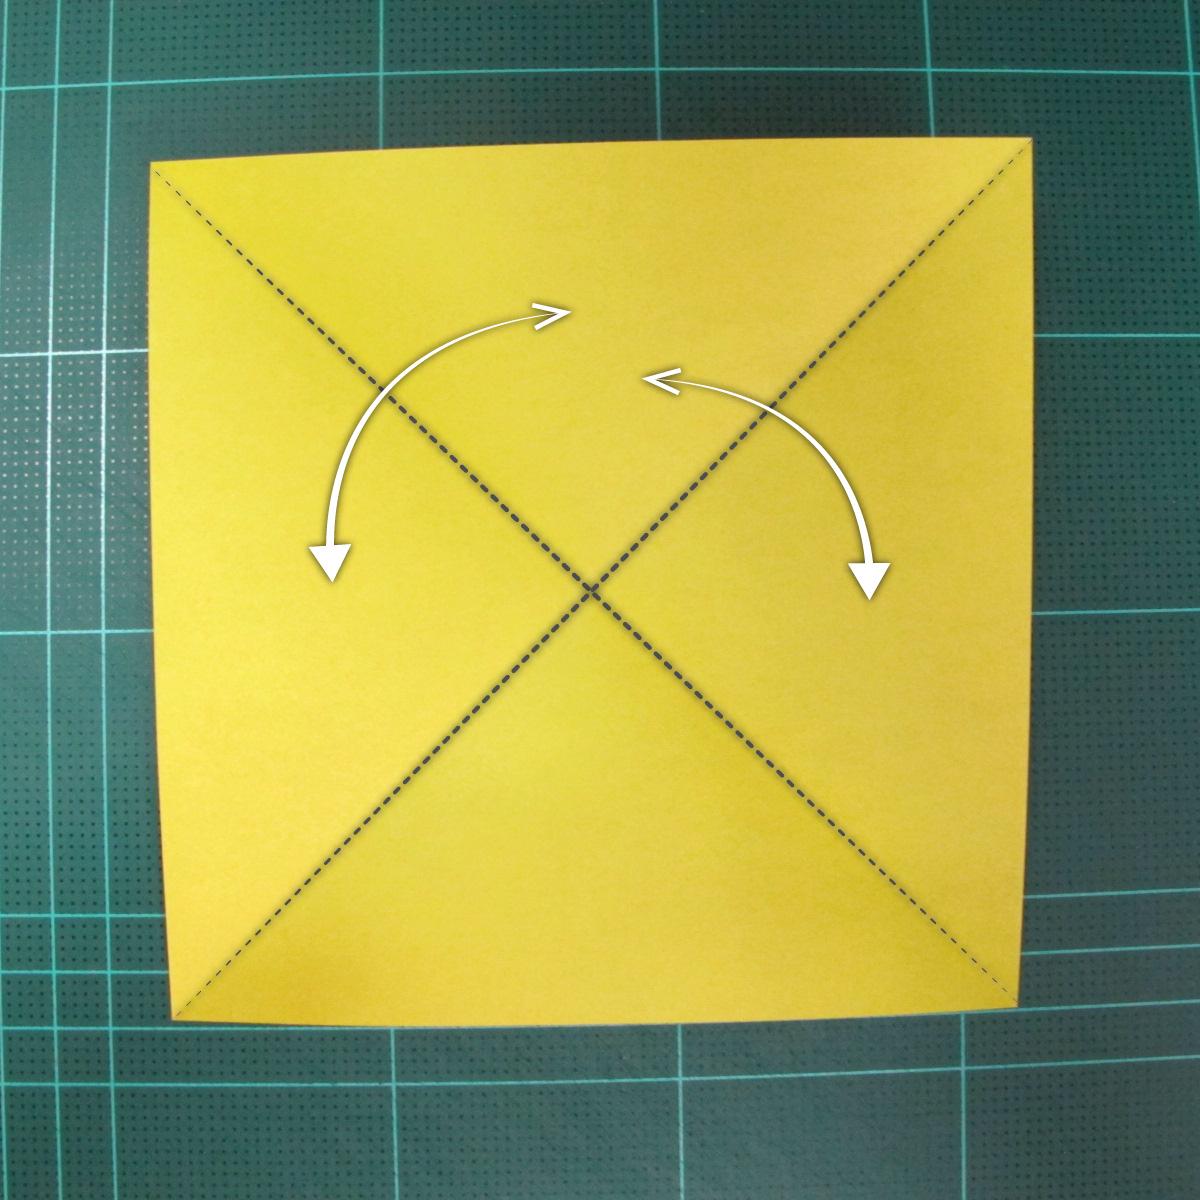 วิธีพับกระดาษเป็นรูปนกยูง (Origami Peacock - ピーコックの折り紙) 001